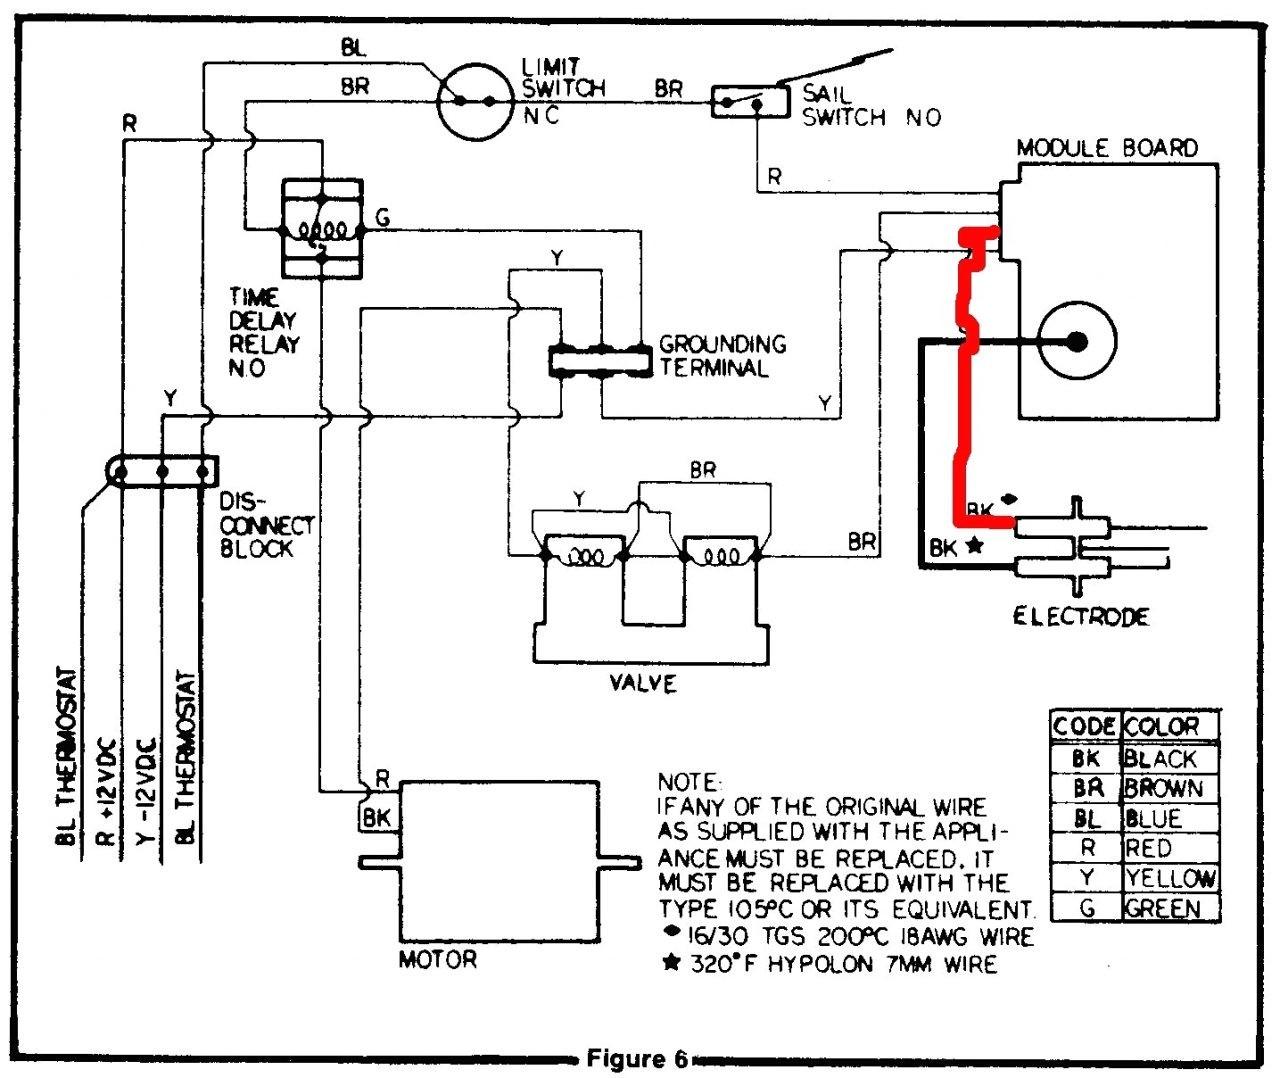 Coleman Ac Wiring Diagram - Wiring Diagram